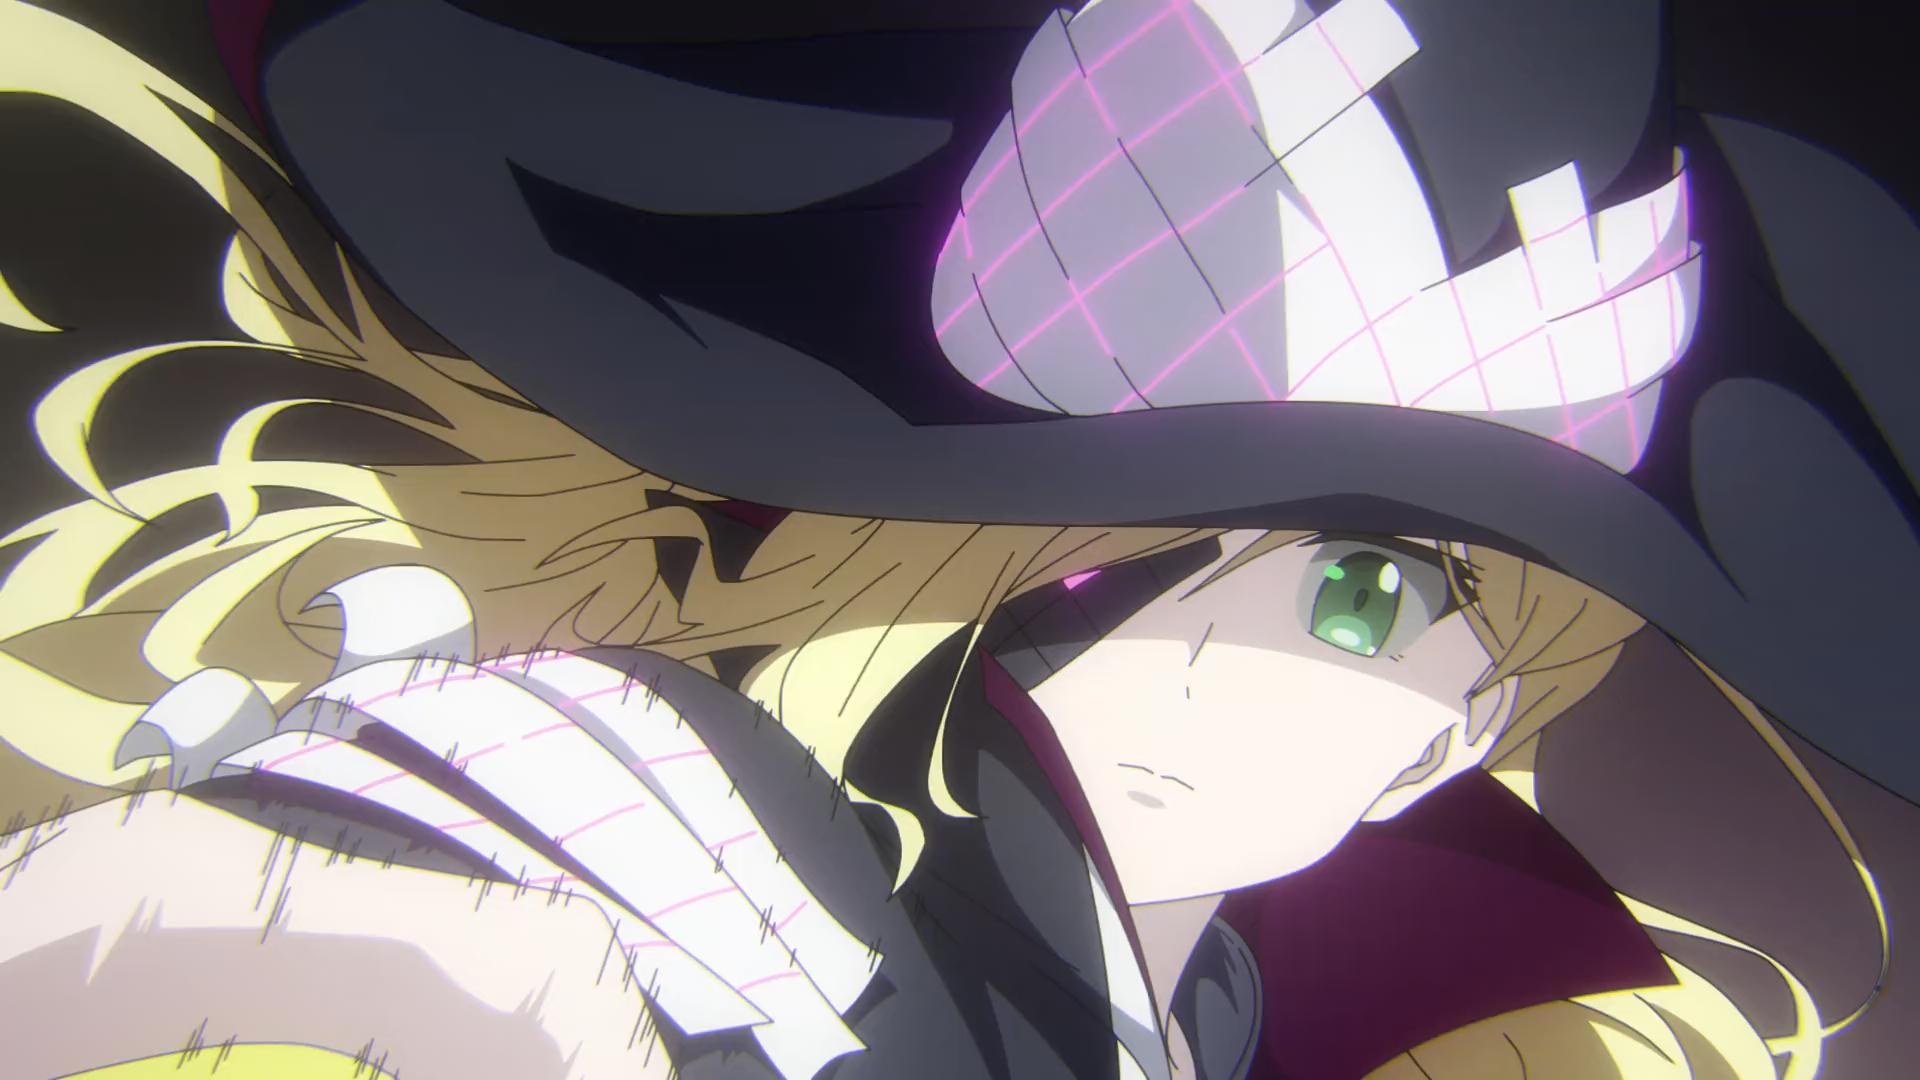 Anime - To Aru Majutsu no Index  Othinus (Toaru Majutsu no Index) Fondo de Pantalla